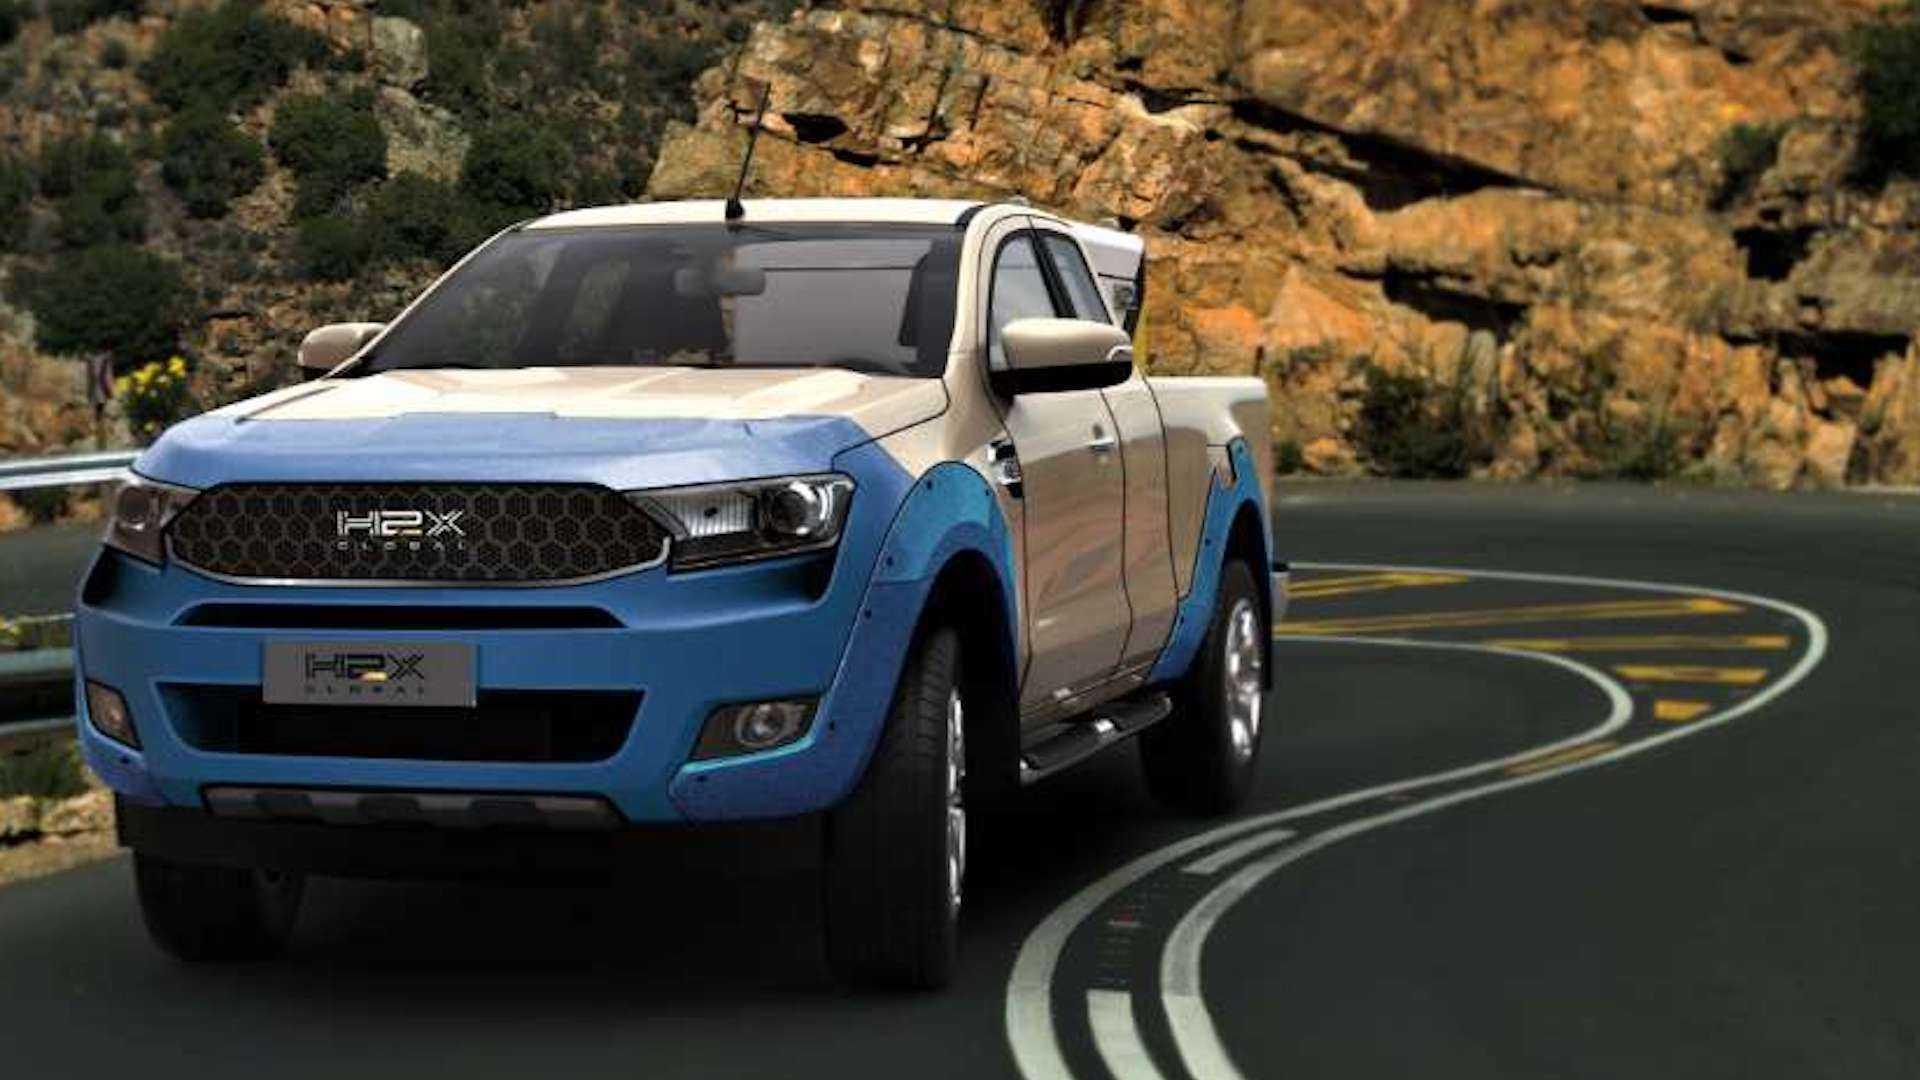 h2x-warrego-ford-ranger-hydrogen-fcev